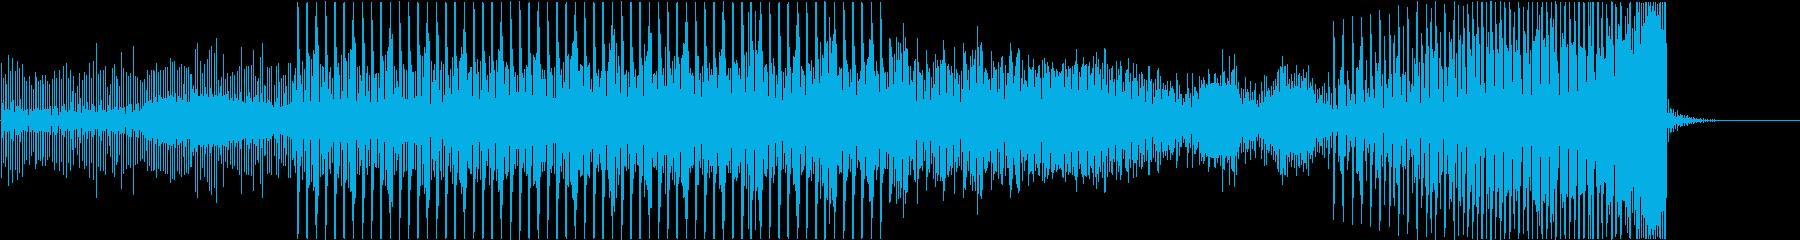 謎を不気味さを感じるサスペンス風BGMの再生済みの波形